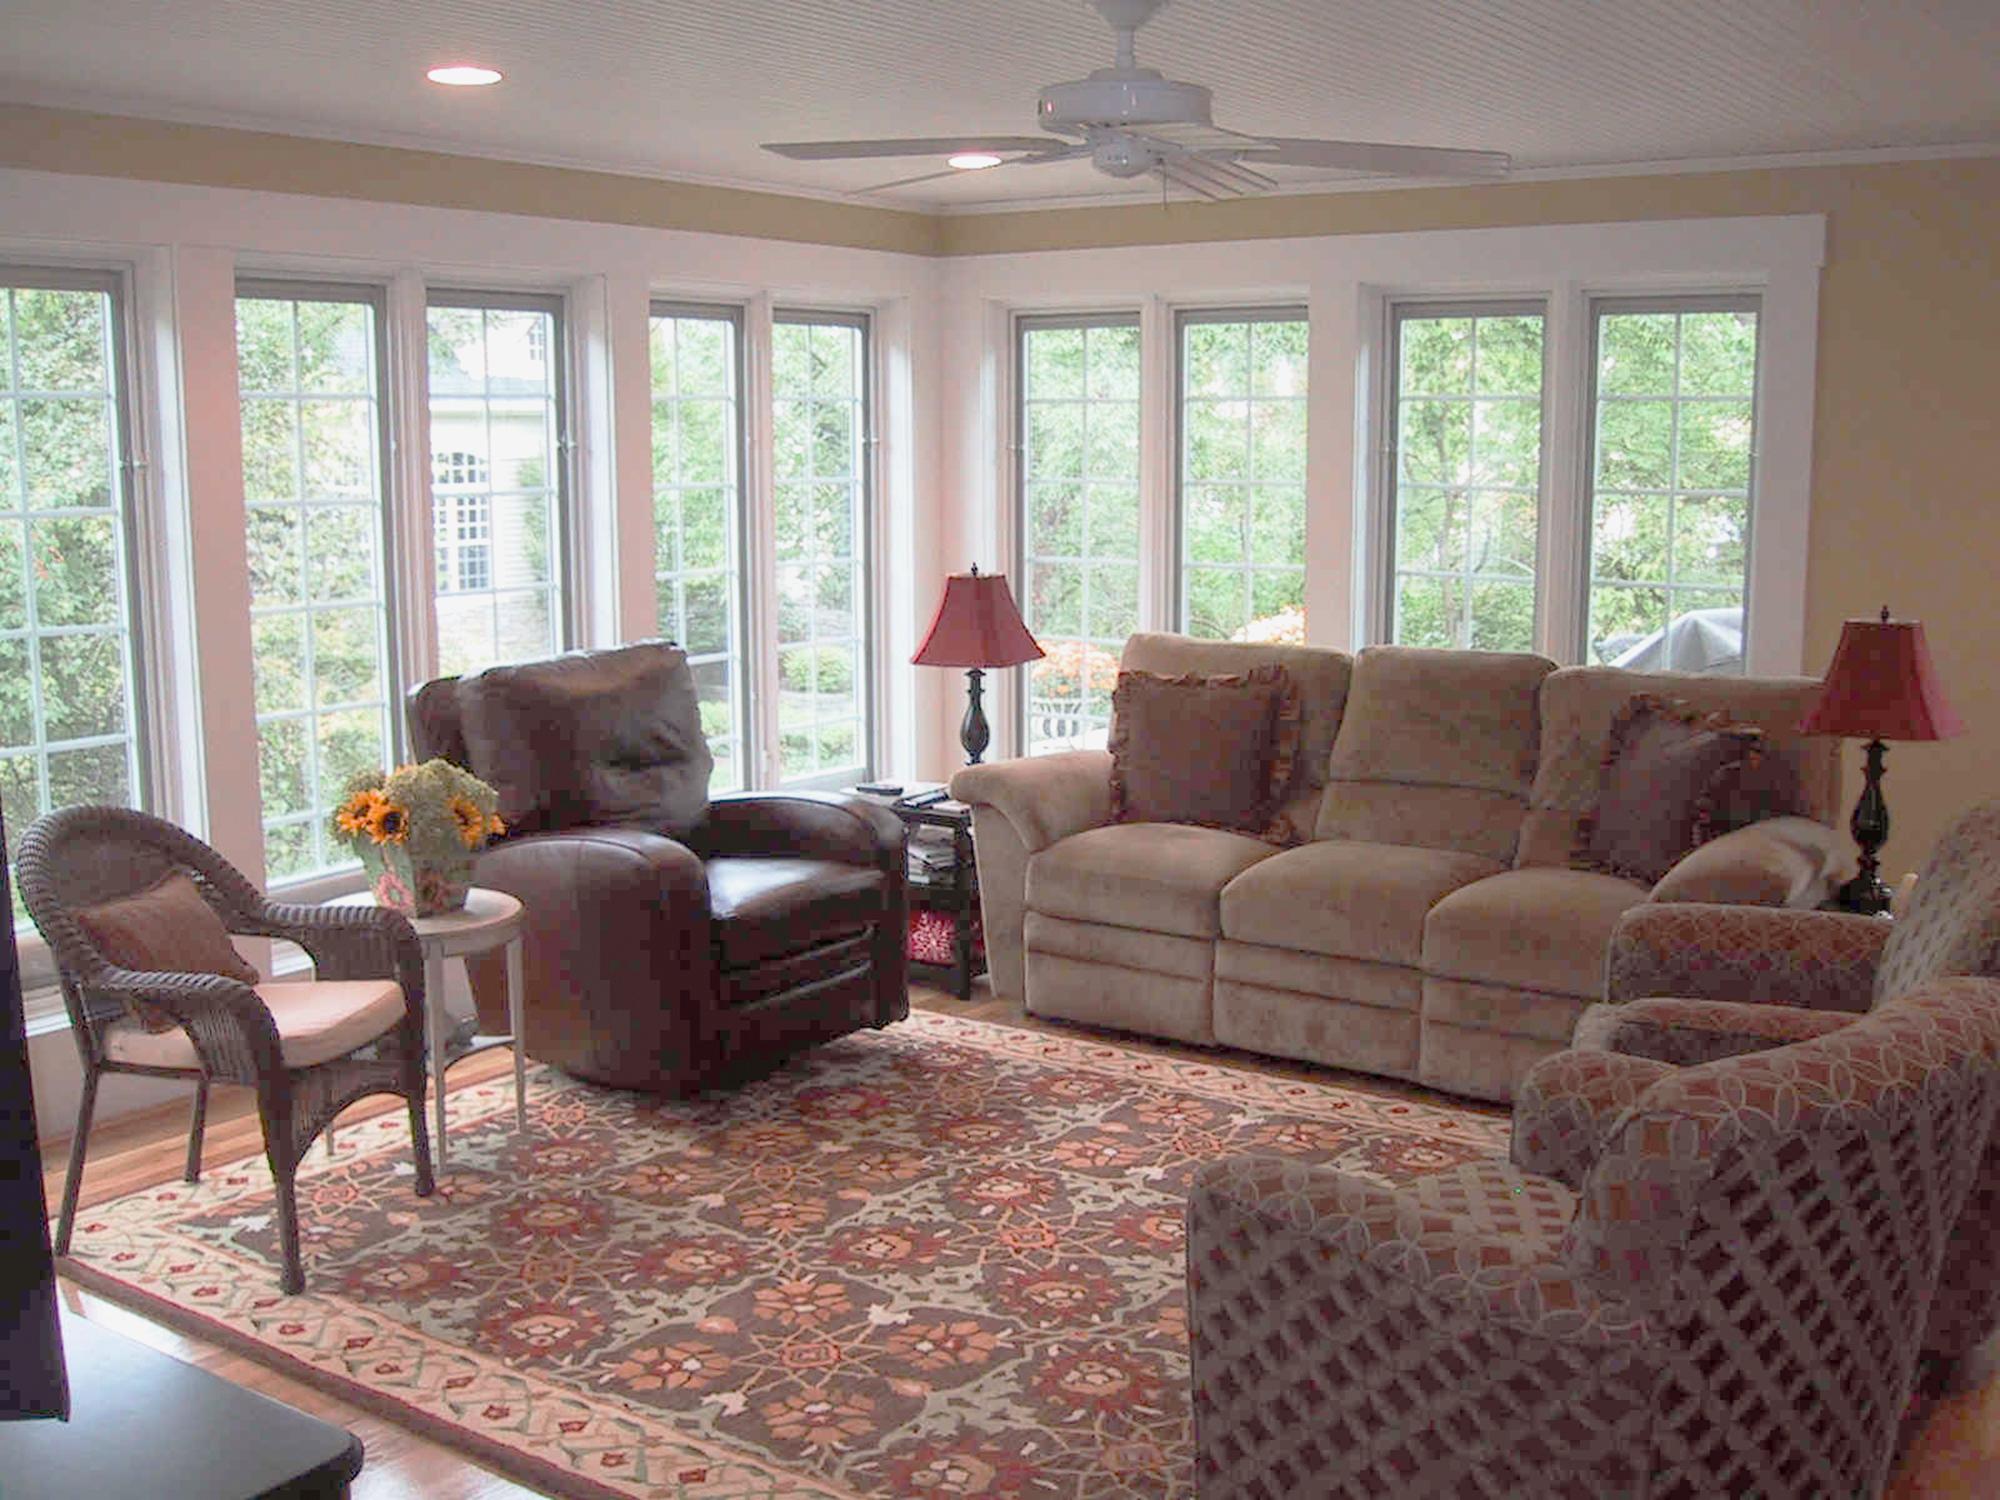 sunroom addition interior Wilcox Architecture